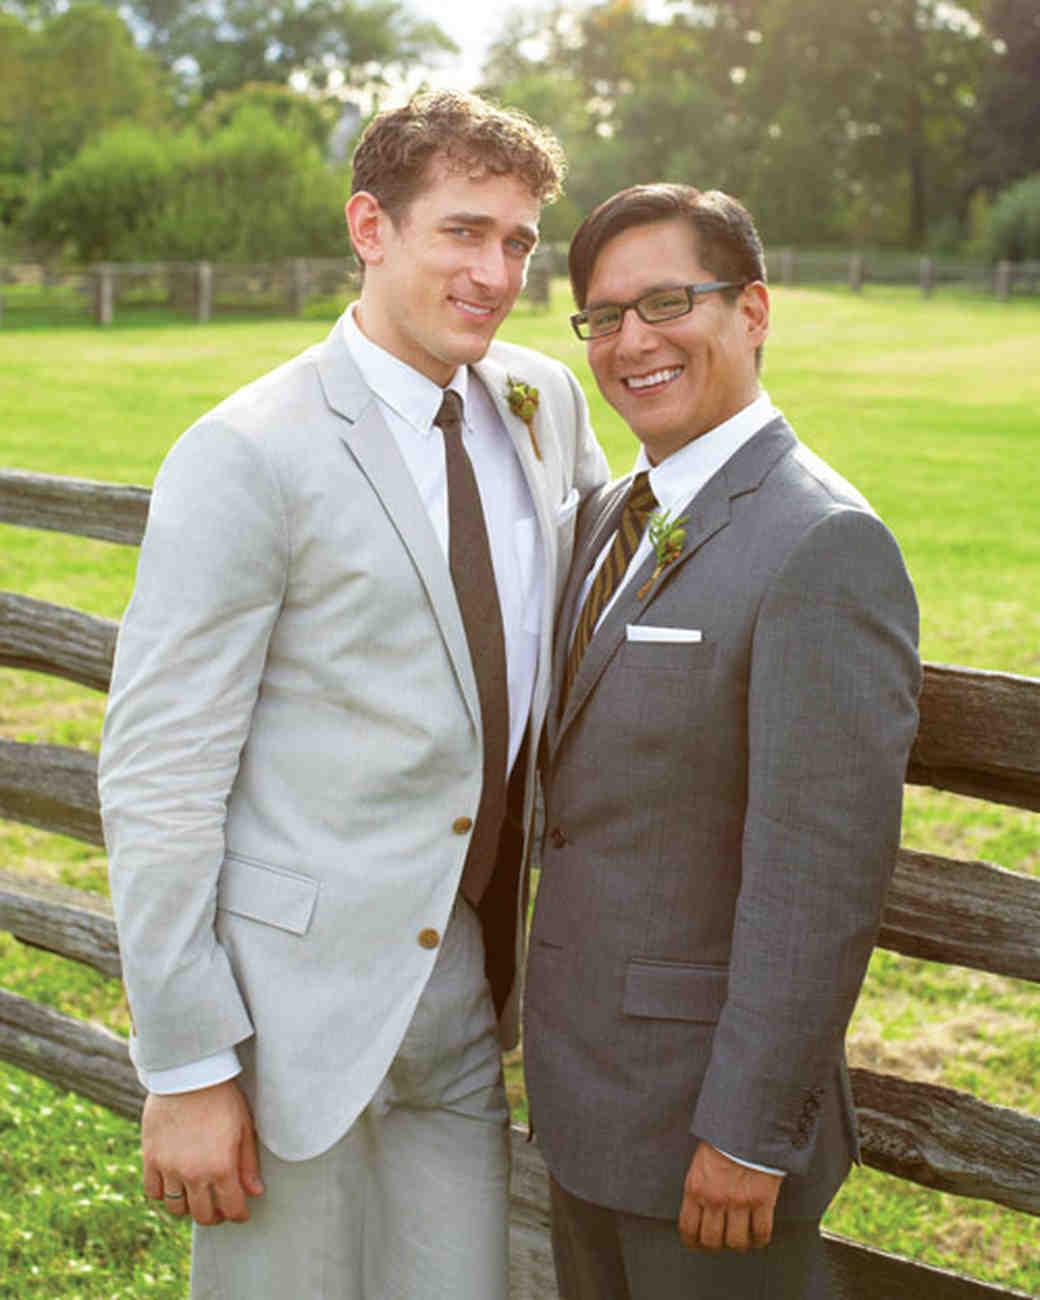 A Casual Outdoor Green Wedding in New York | Martha Stewart Weddings